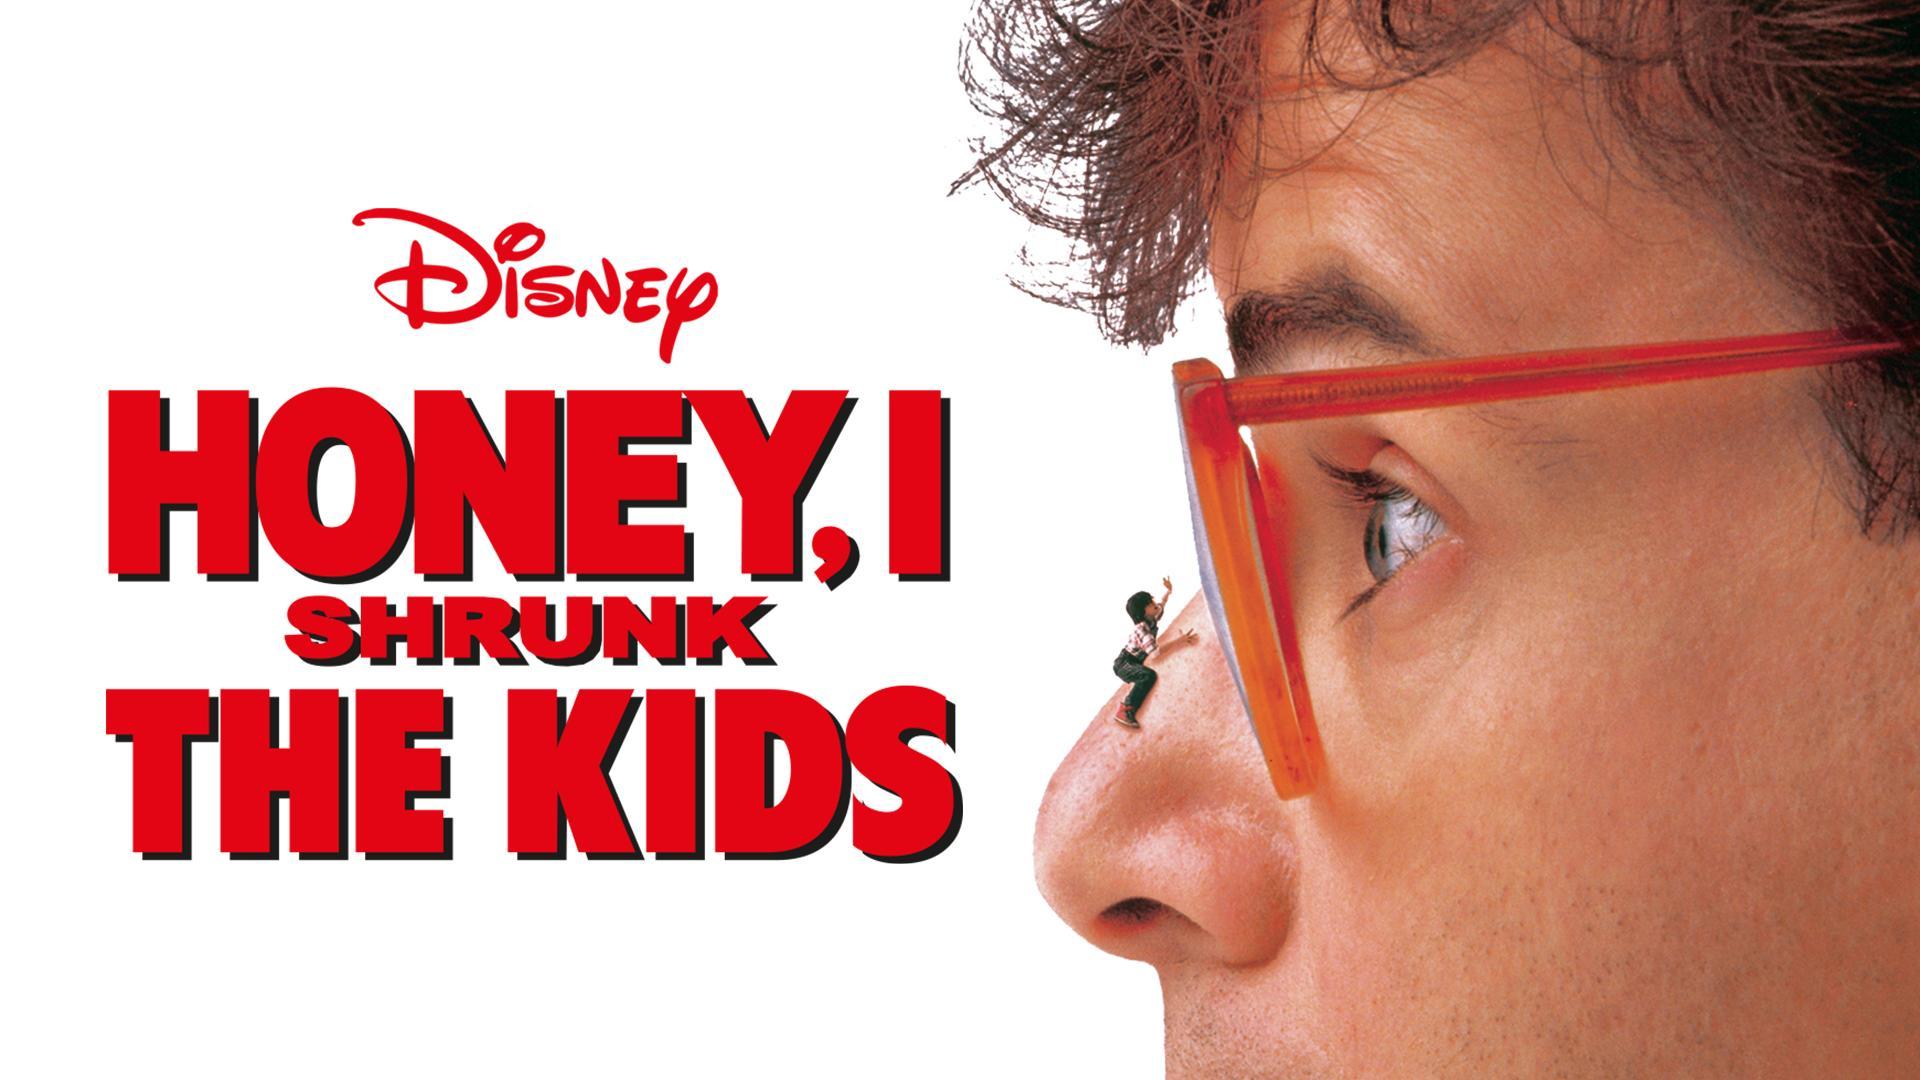 Disney On Twitter Honey I Shrunk The Kids 1989